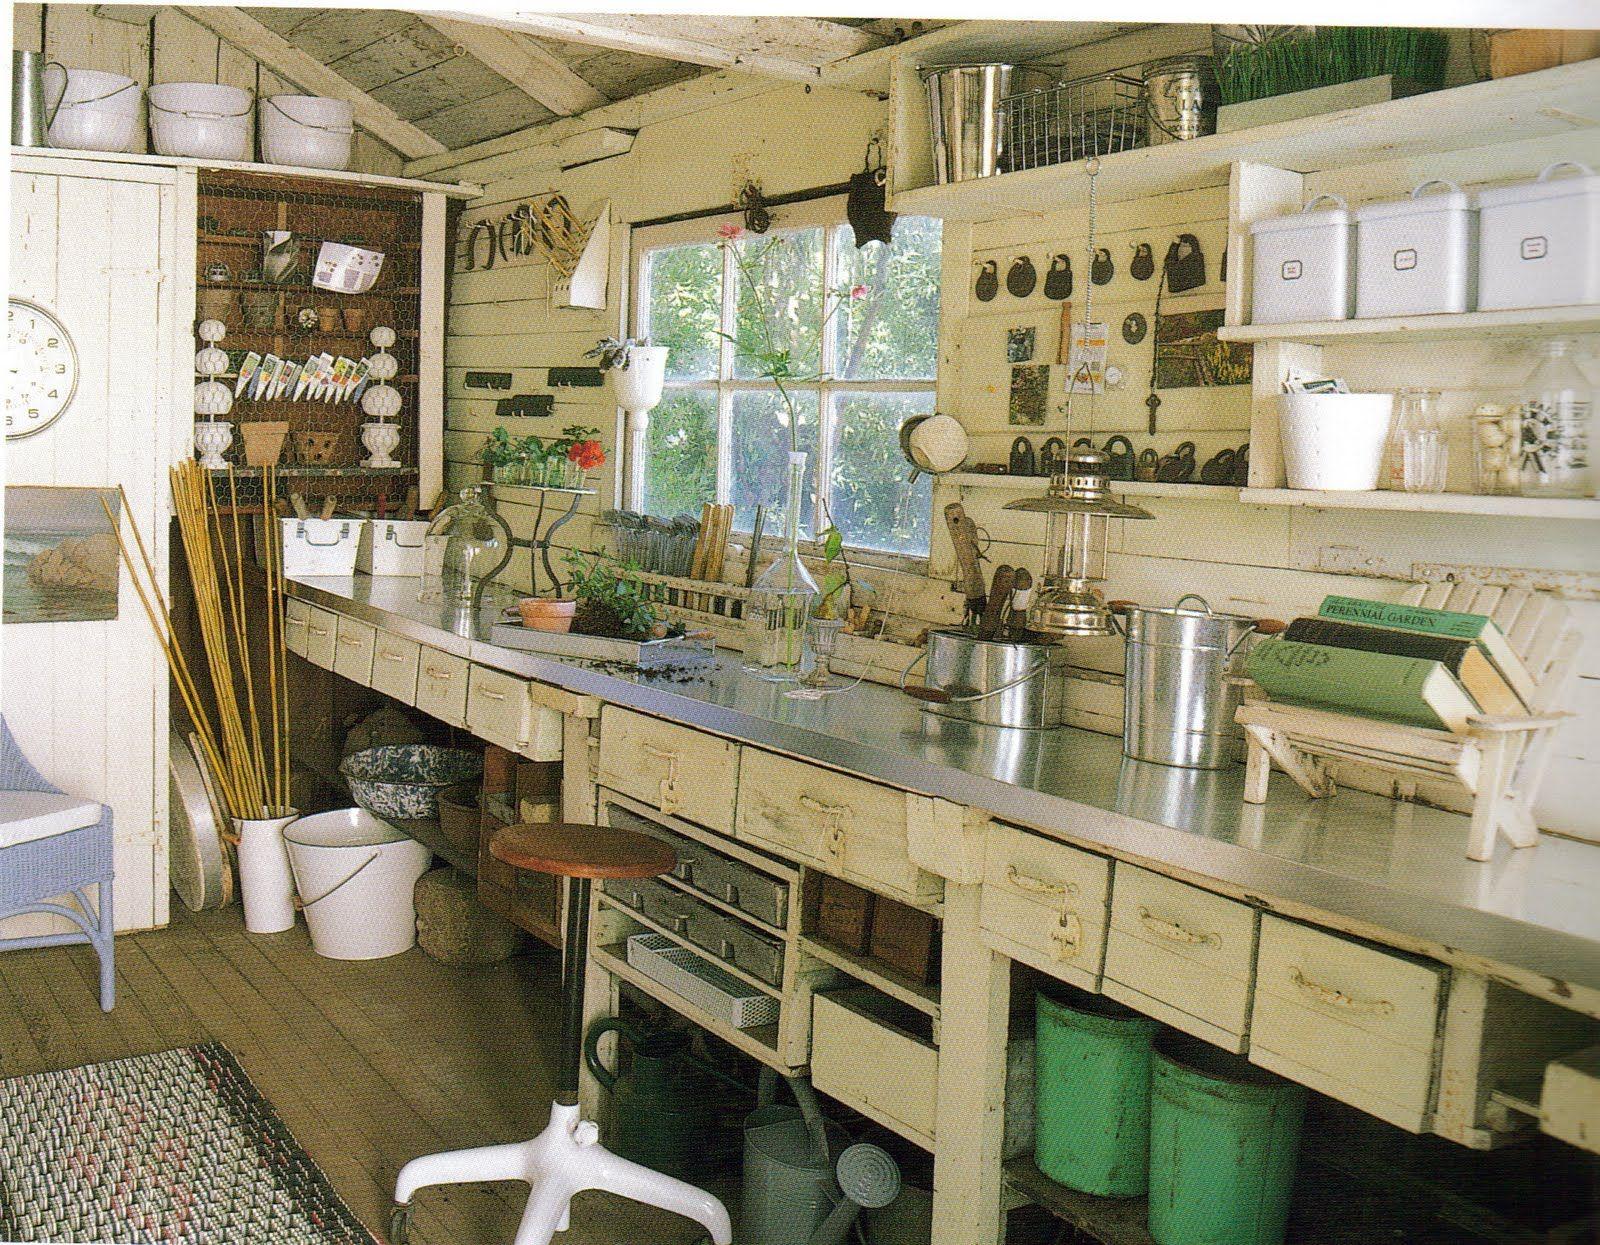 pingl par amy lezer sur garage pinterest atelier amenagement atelier et meuble atelier. Black Bedroom Furniture Sets. Home Design Ideas